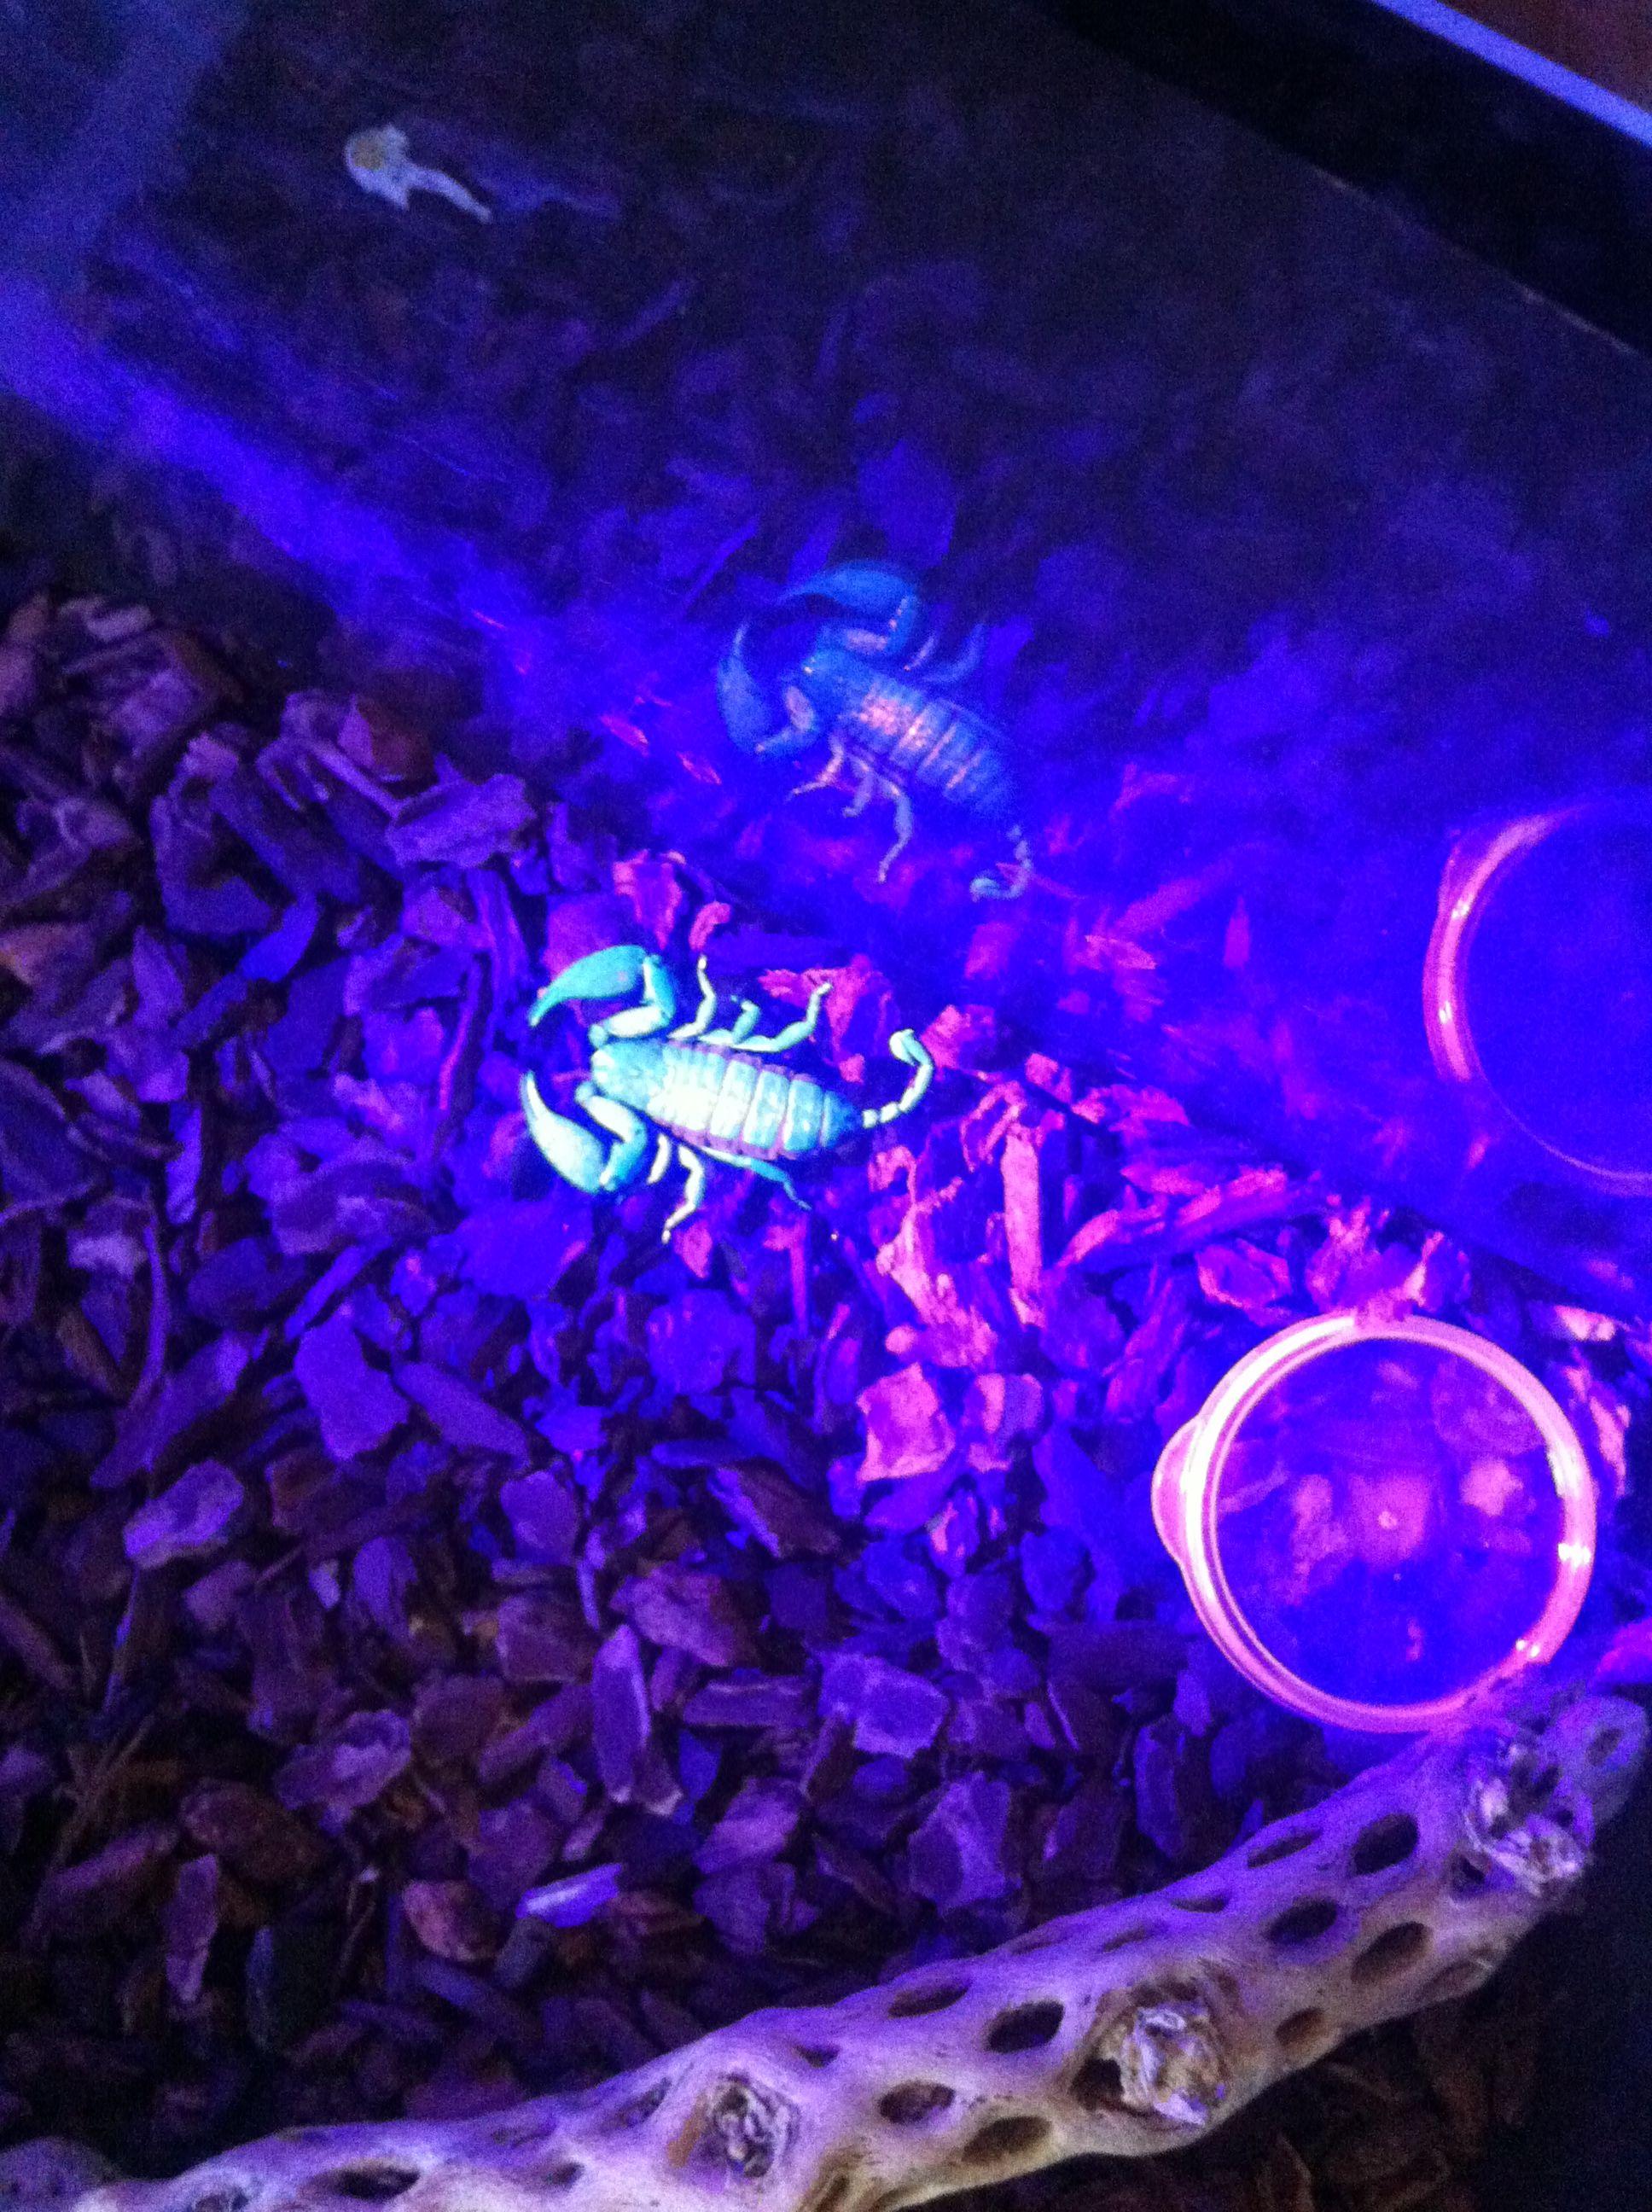 Animals, Concert, Scorpion